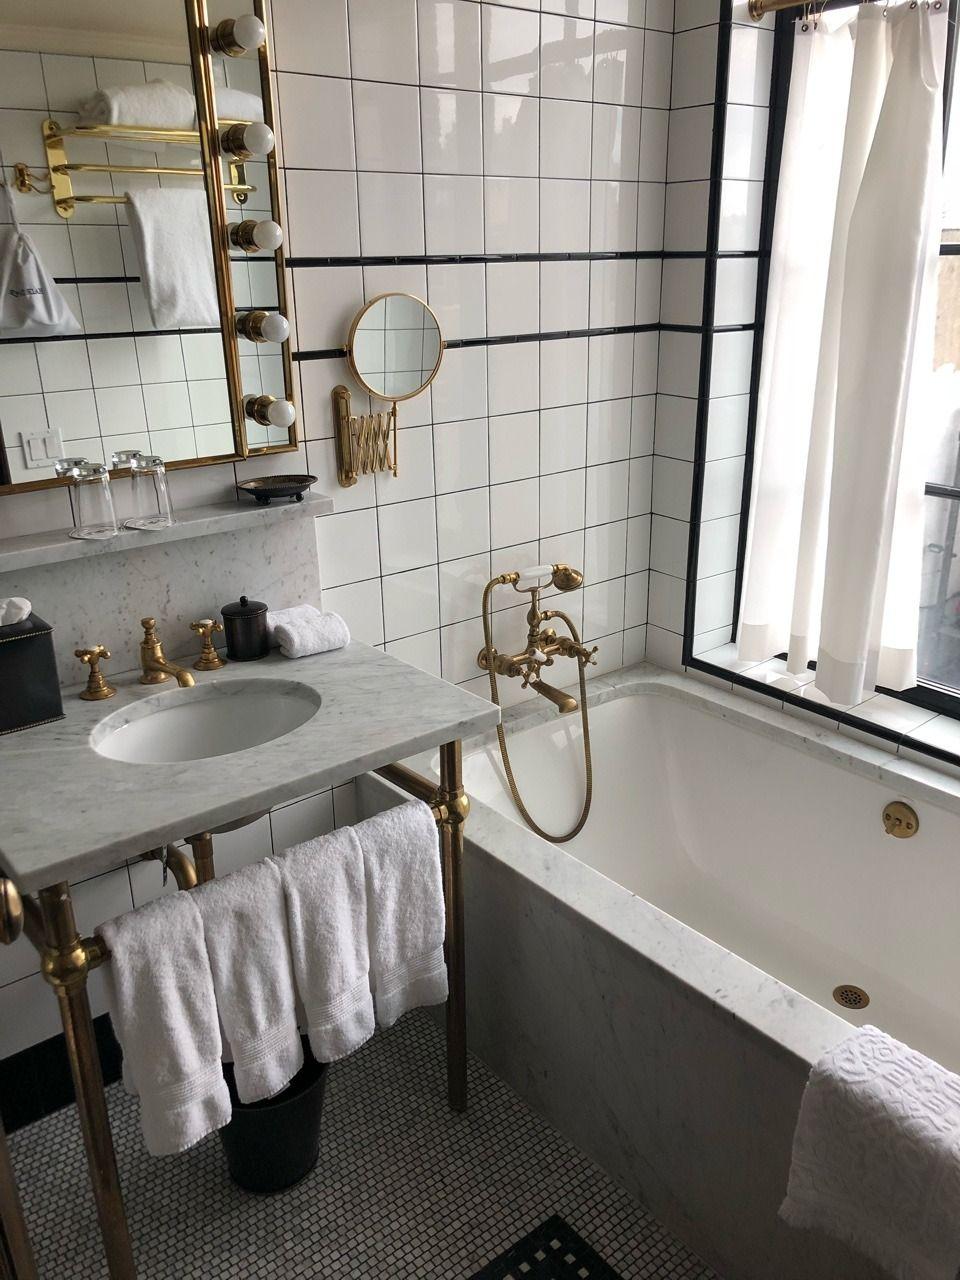 Pin Von Karo Auf Home Interior Love In 2020 Badezimmer Design Bad Inspiration Und Badezimmer Innenausstattung